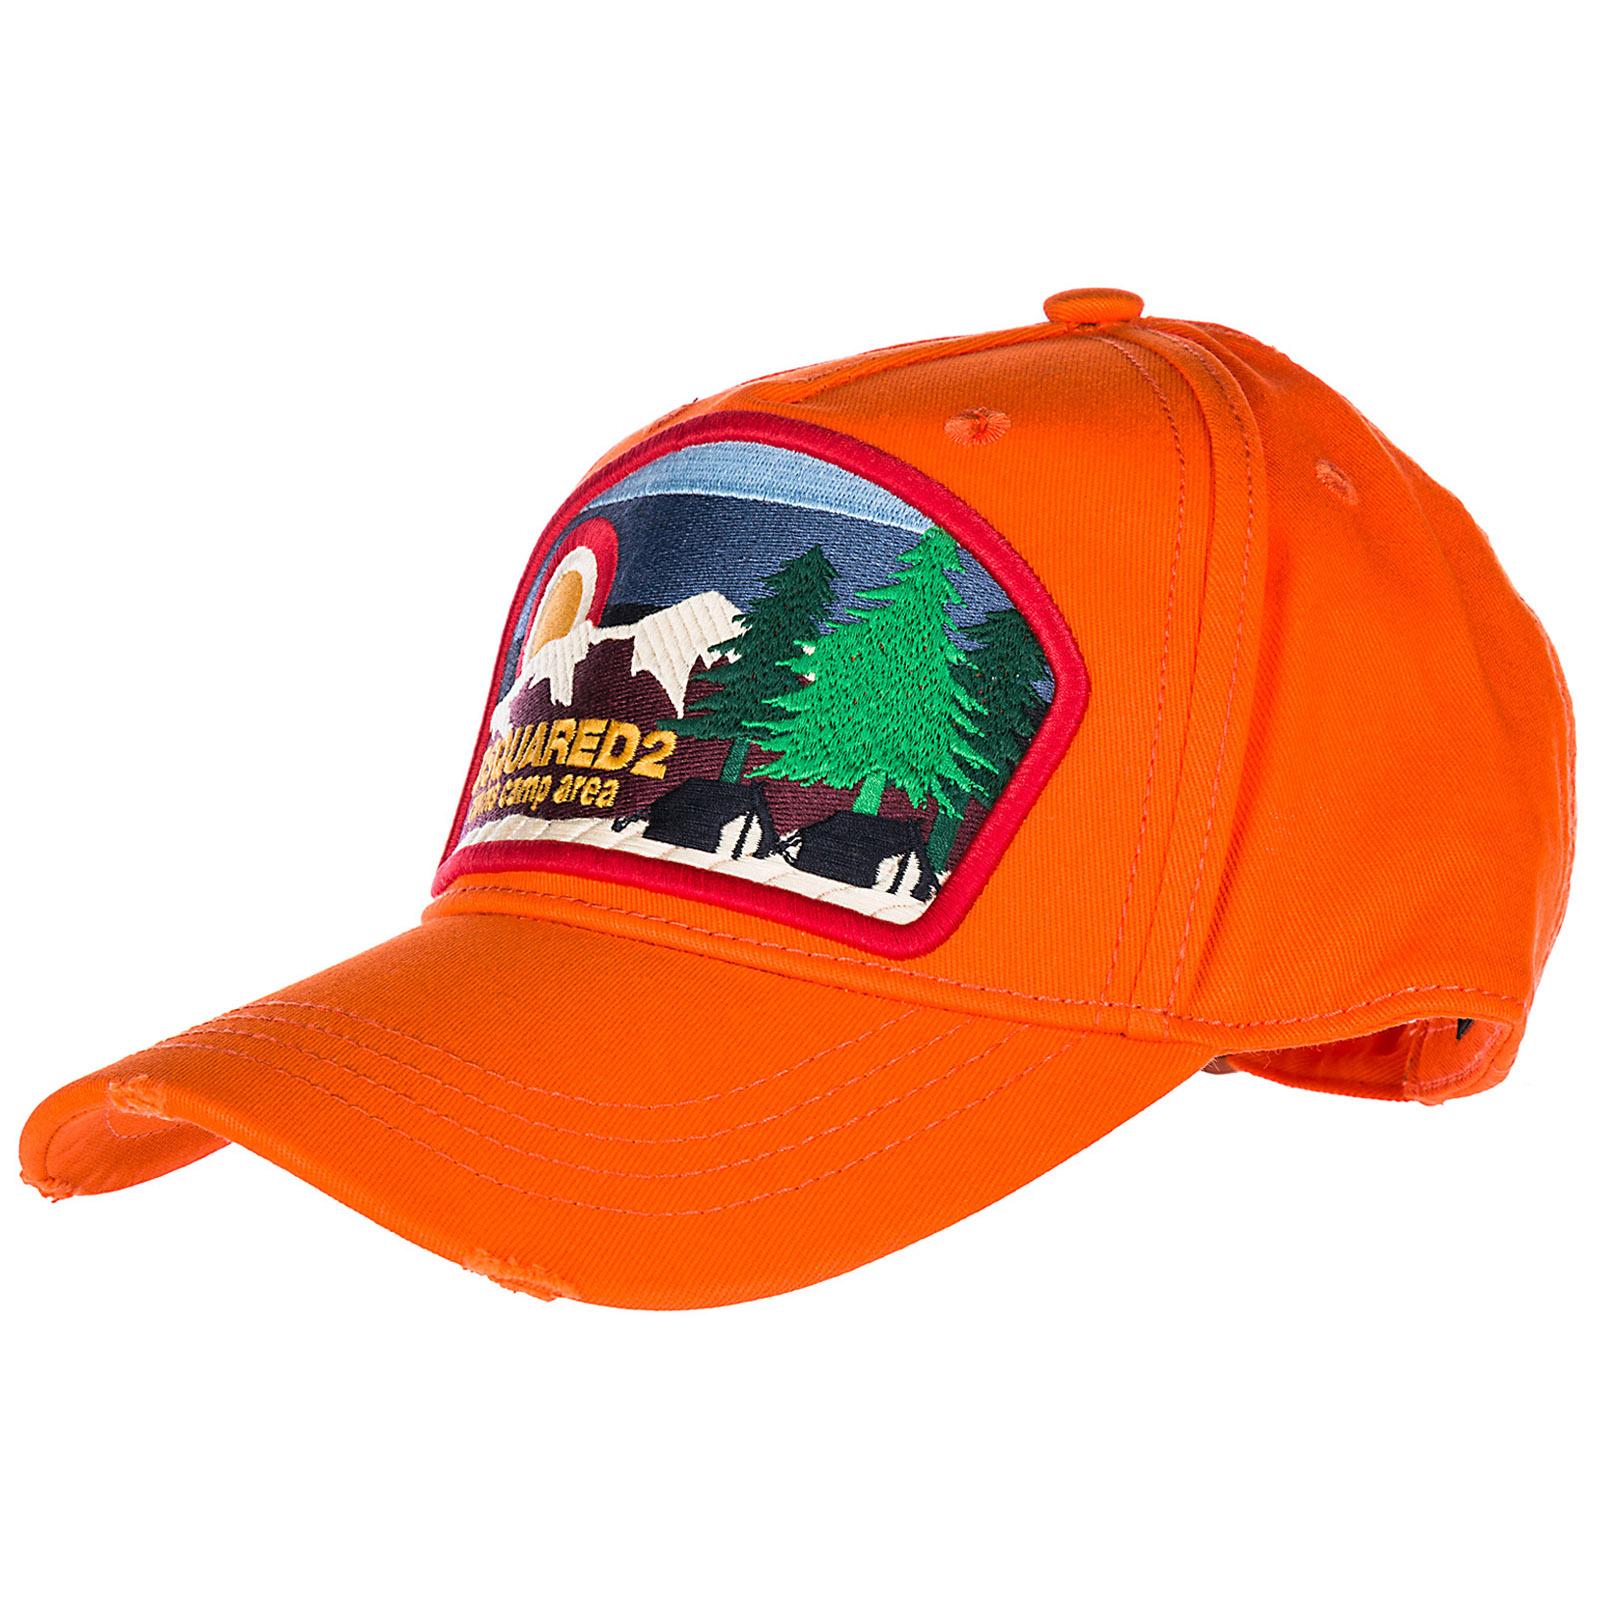 Cappello berretto regolabile uomo in cotone camp batch baseball